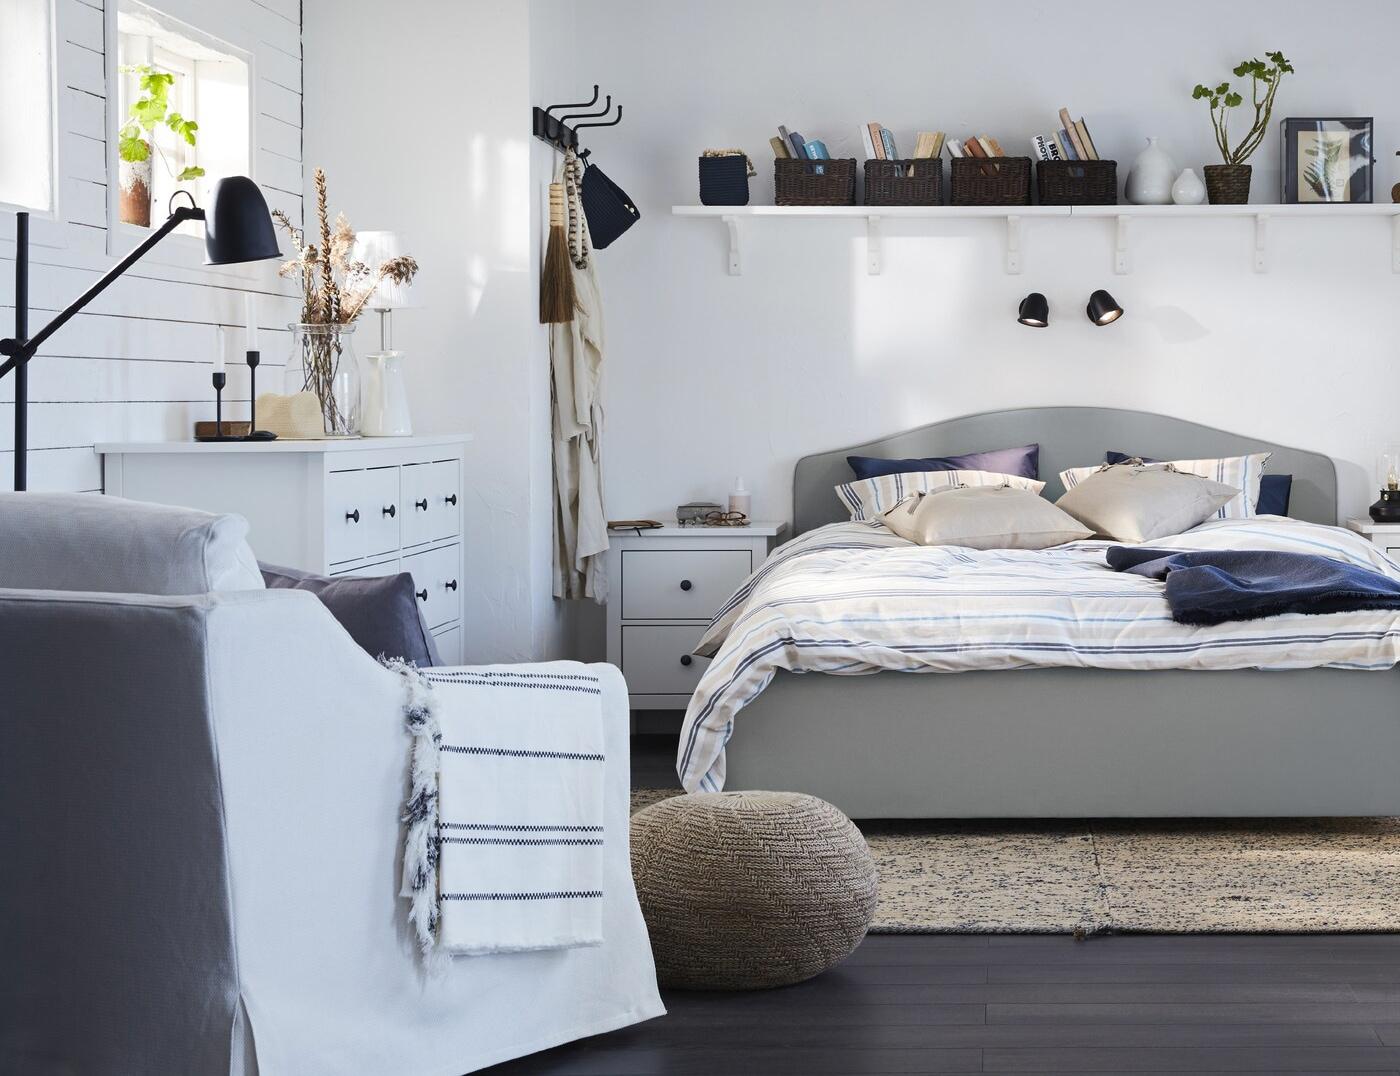 Chambre à coucher traditionnelle et agencée avec lit HAUGA beige, fauteuil blanc, rideaux blancs et bureau bleu-vert foncé.